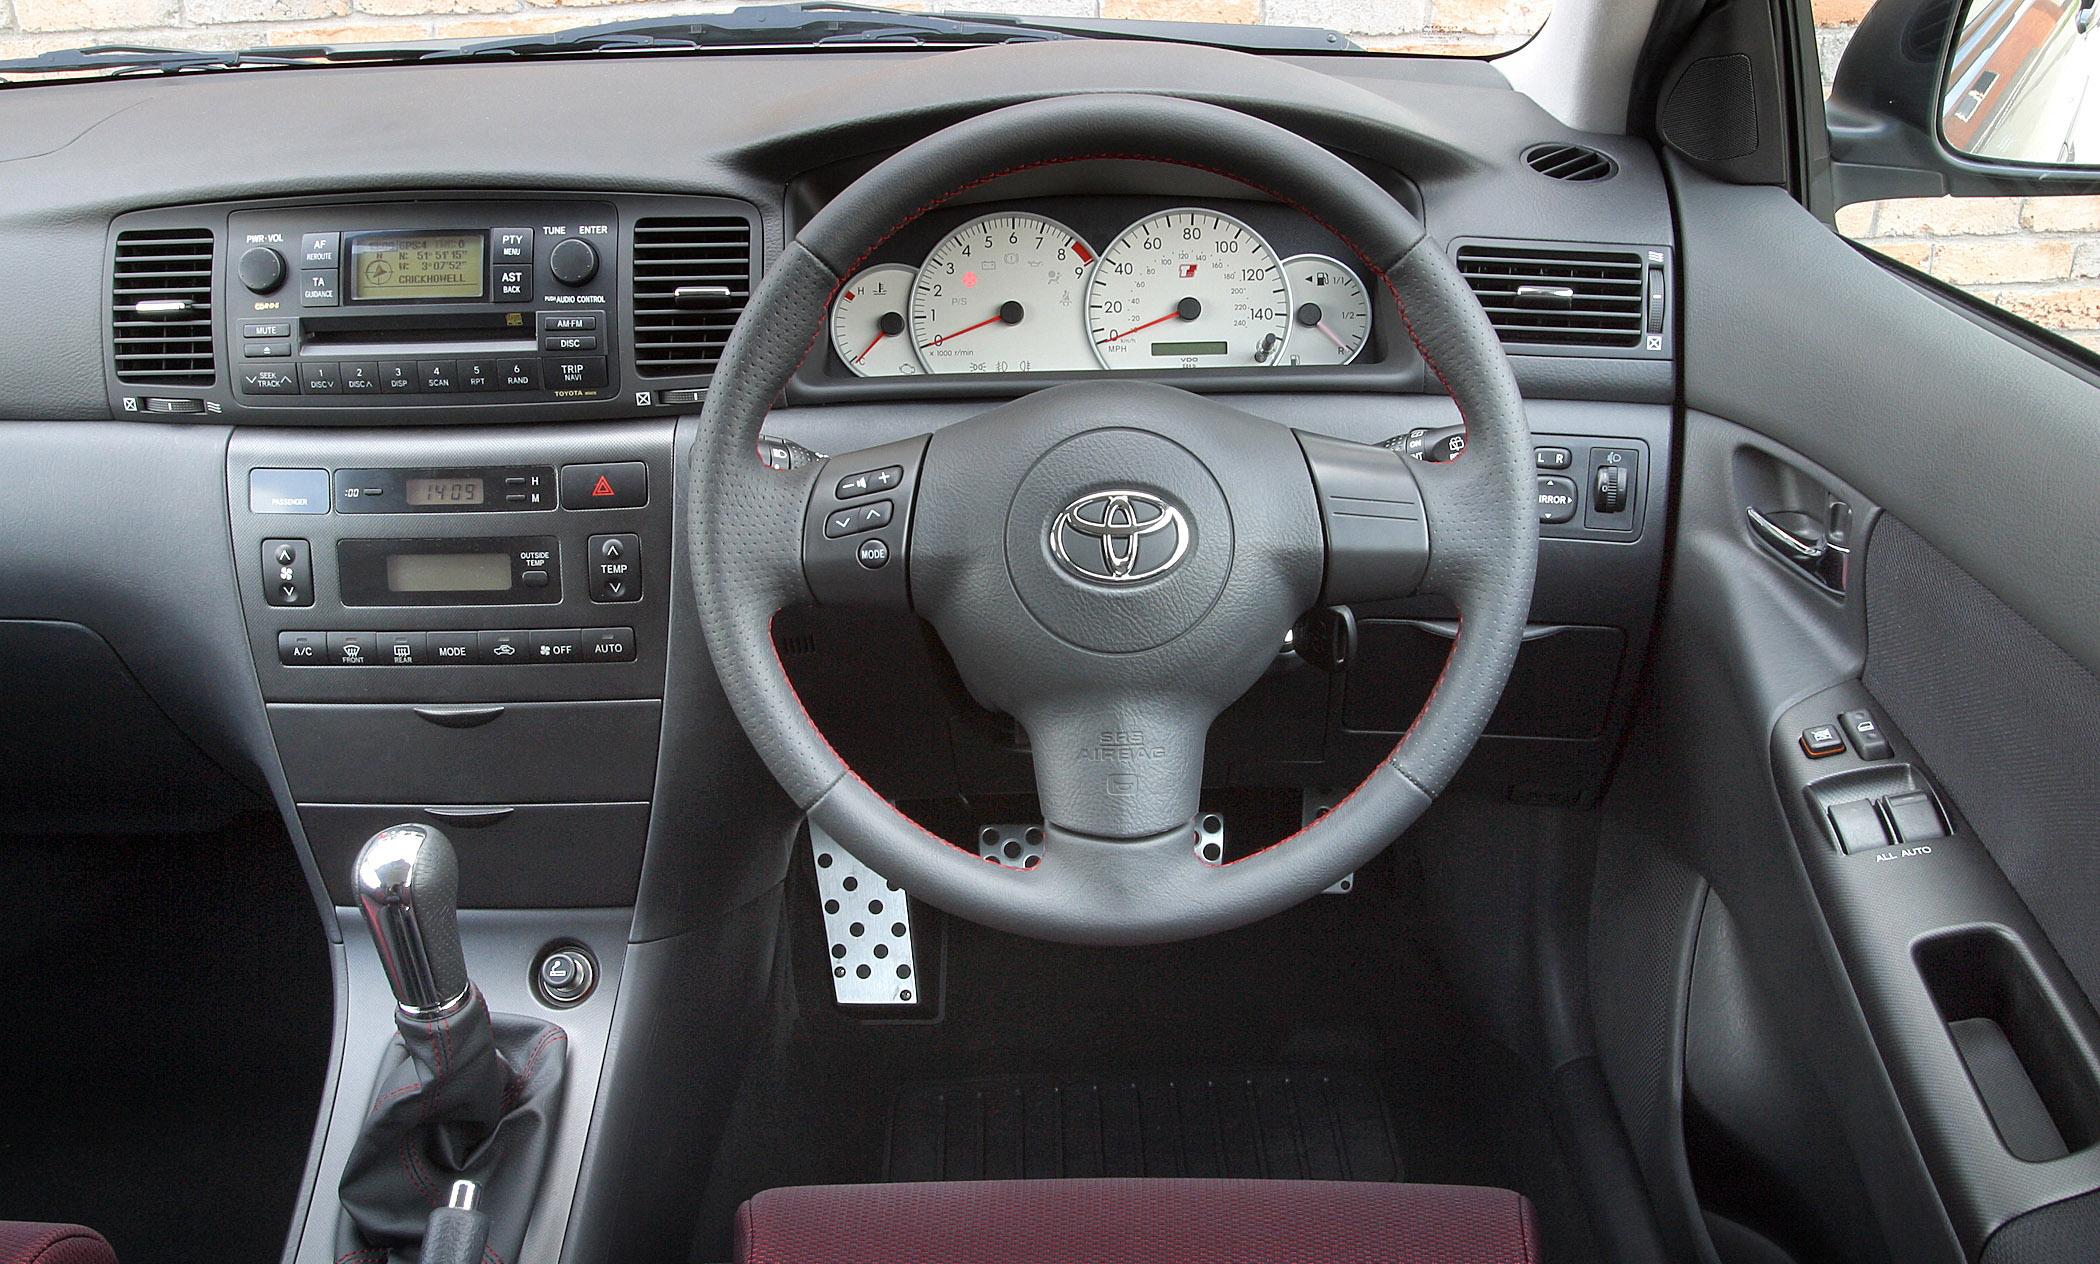 2006 Toyota Corolla Picture 77869